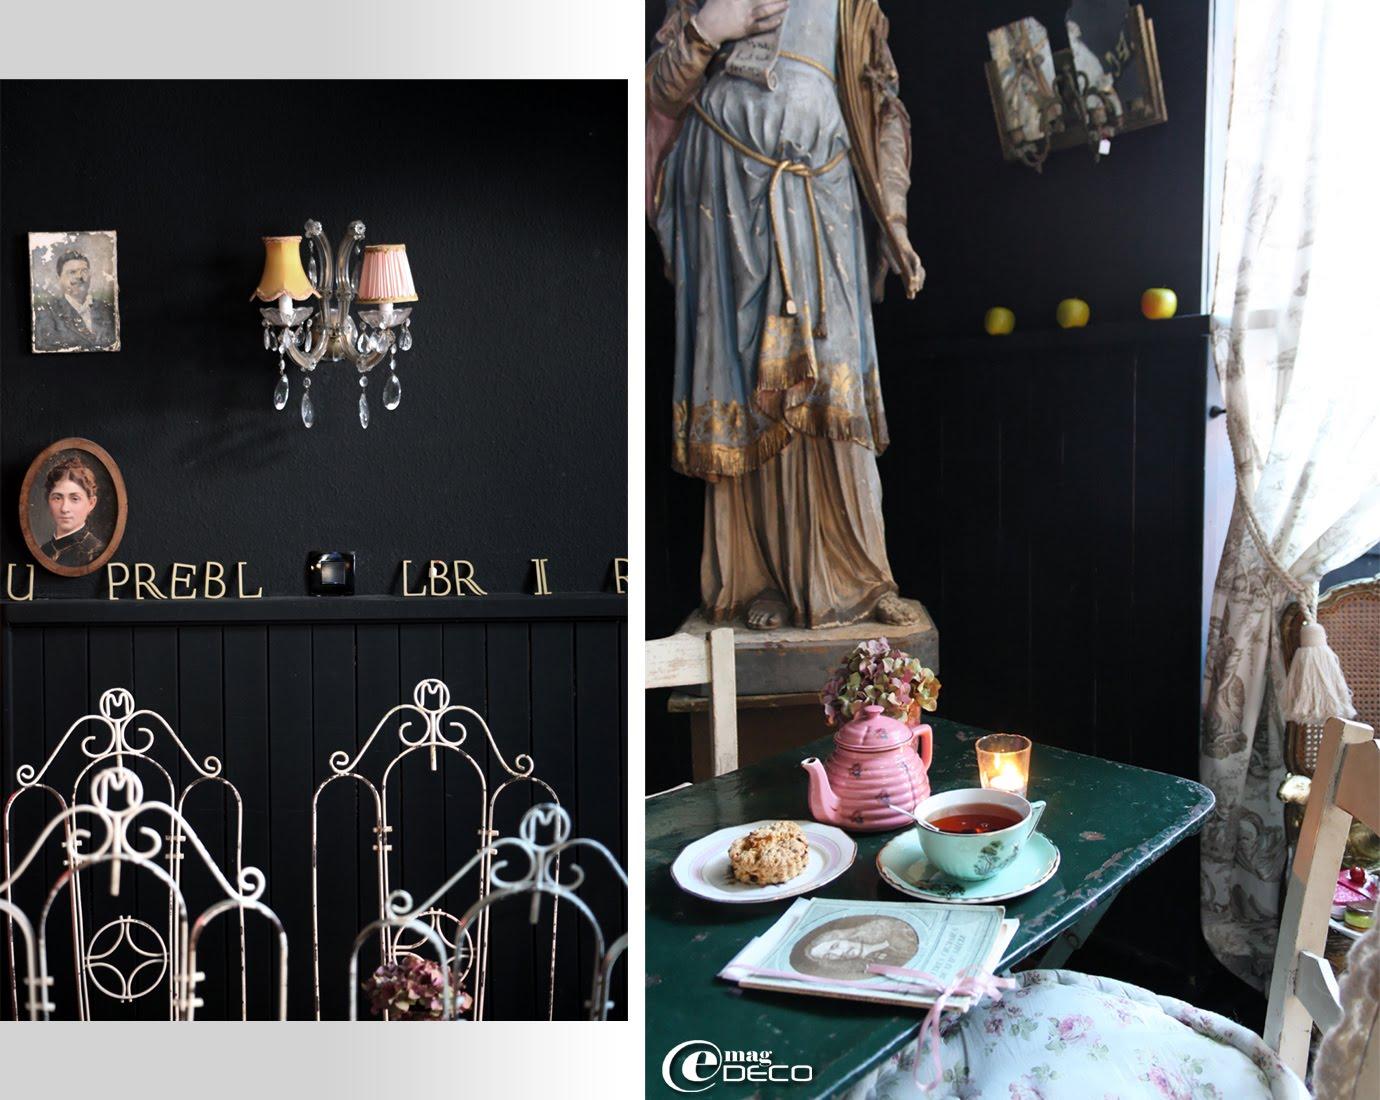 Chaises de jardin en métal et ambiance du salon de thé Ad Libitum